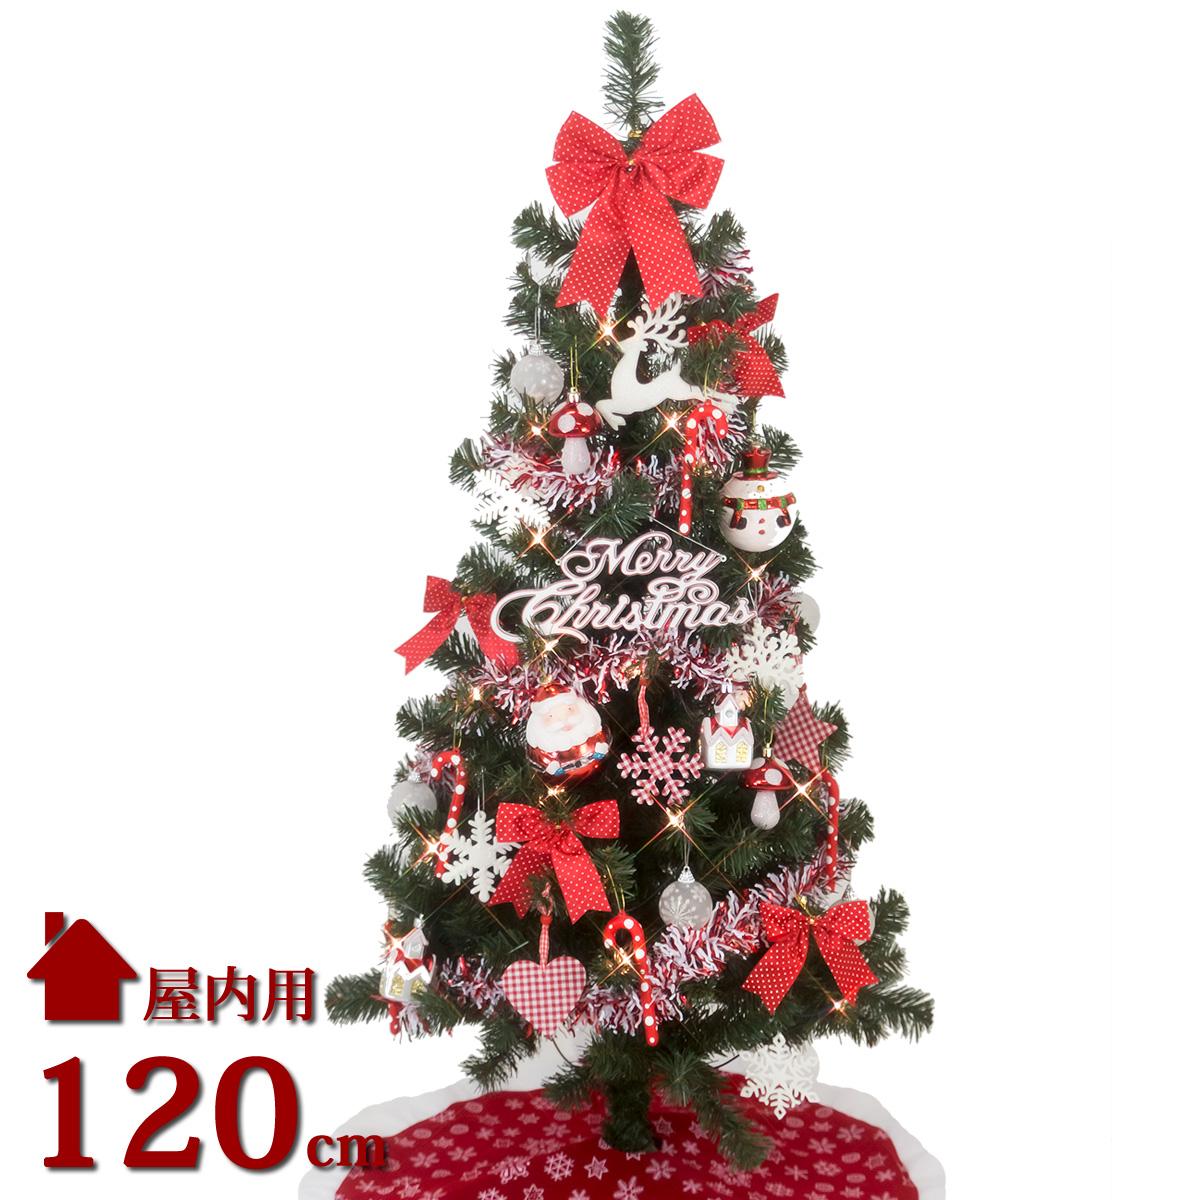 クリスマスツリー 北欧 120cm LED ツリーセット北欧 ノルディック おしゃれ